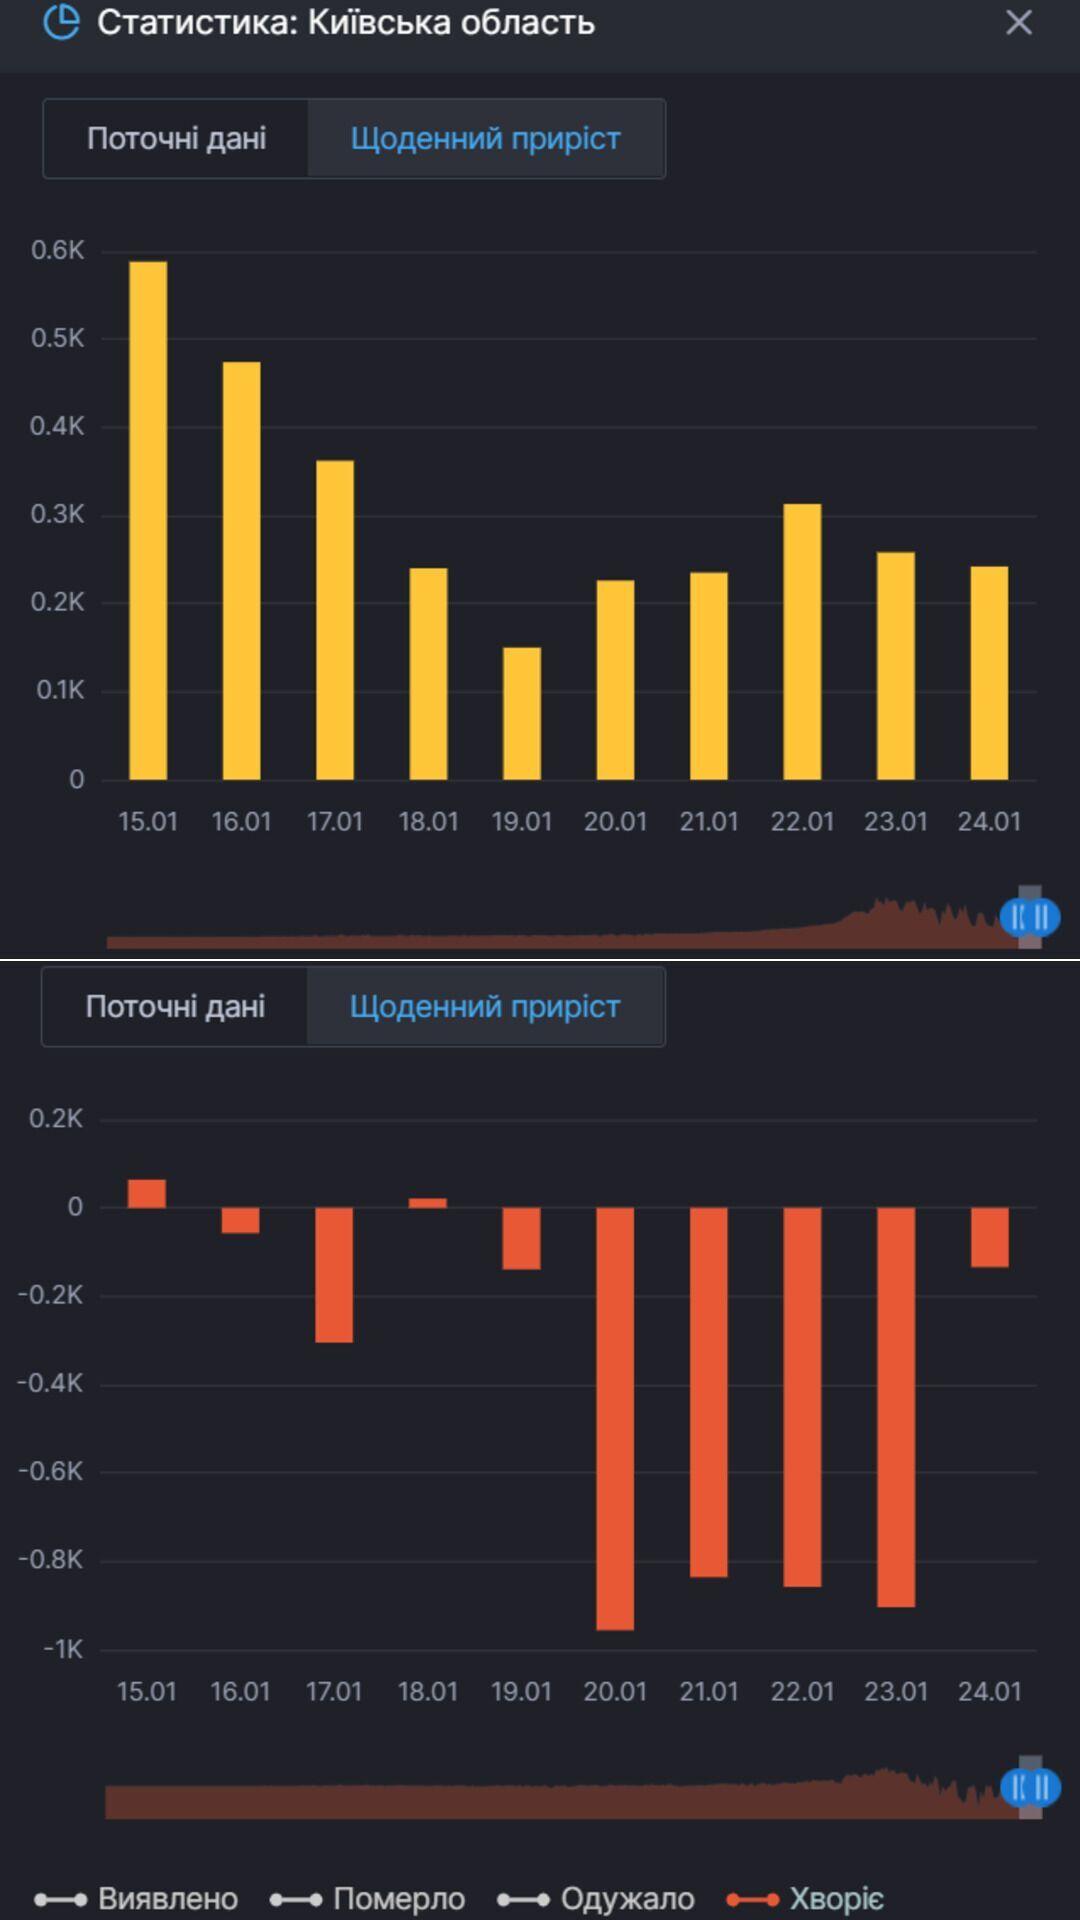 Прирост новых случаев COVID-19 в Киевской области и тех, кто продолжает болеть им